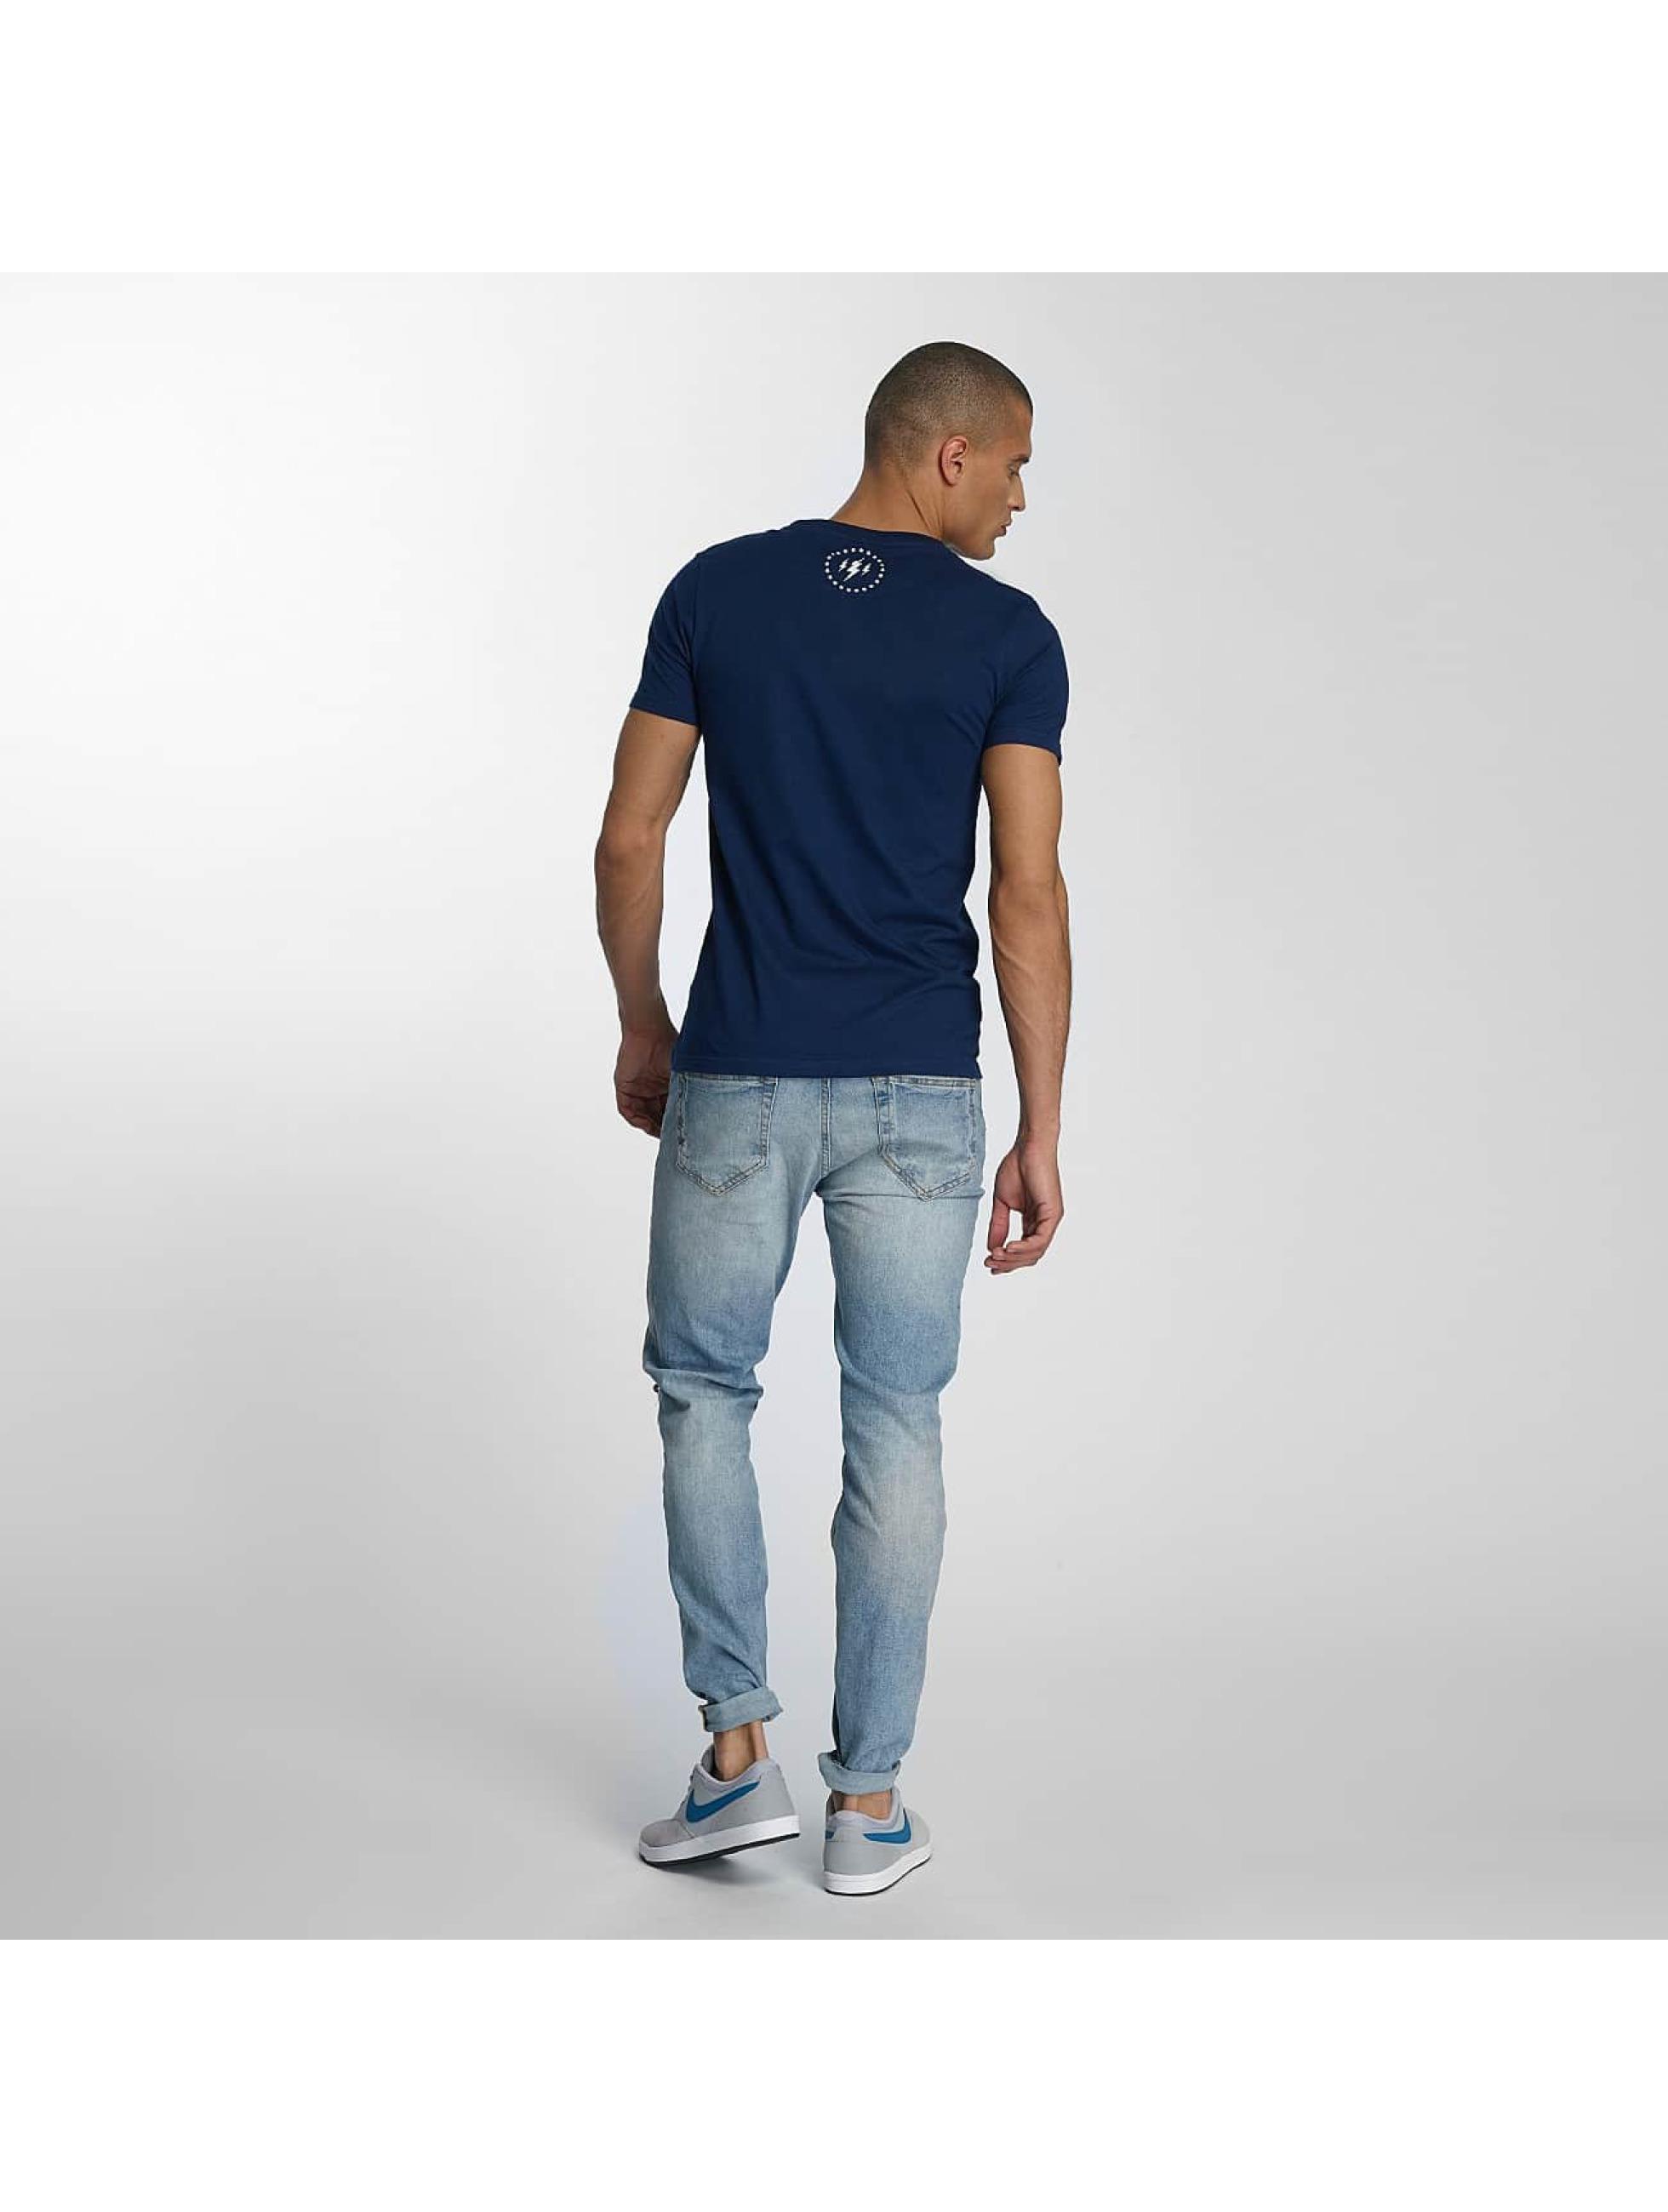 TrueSpin T-Shirt 2 bleu